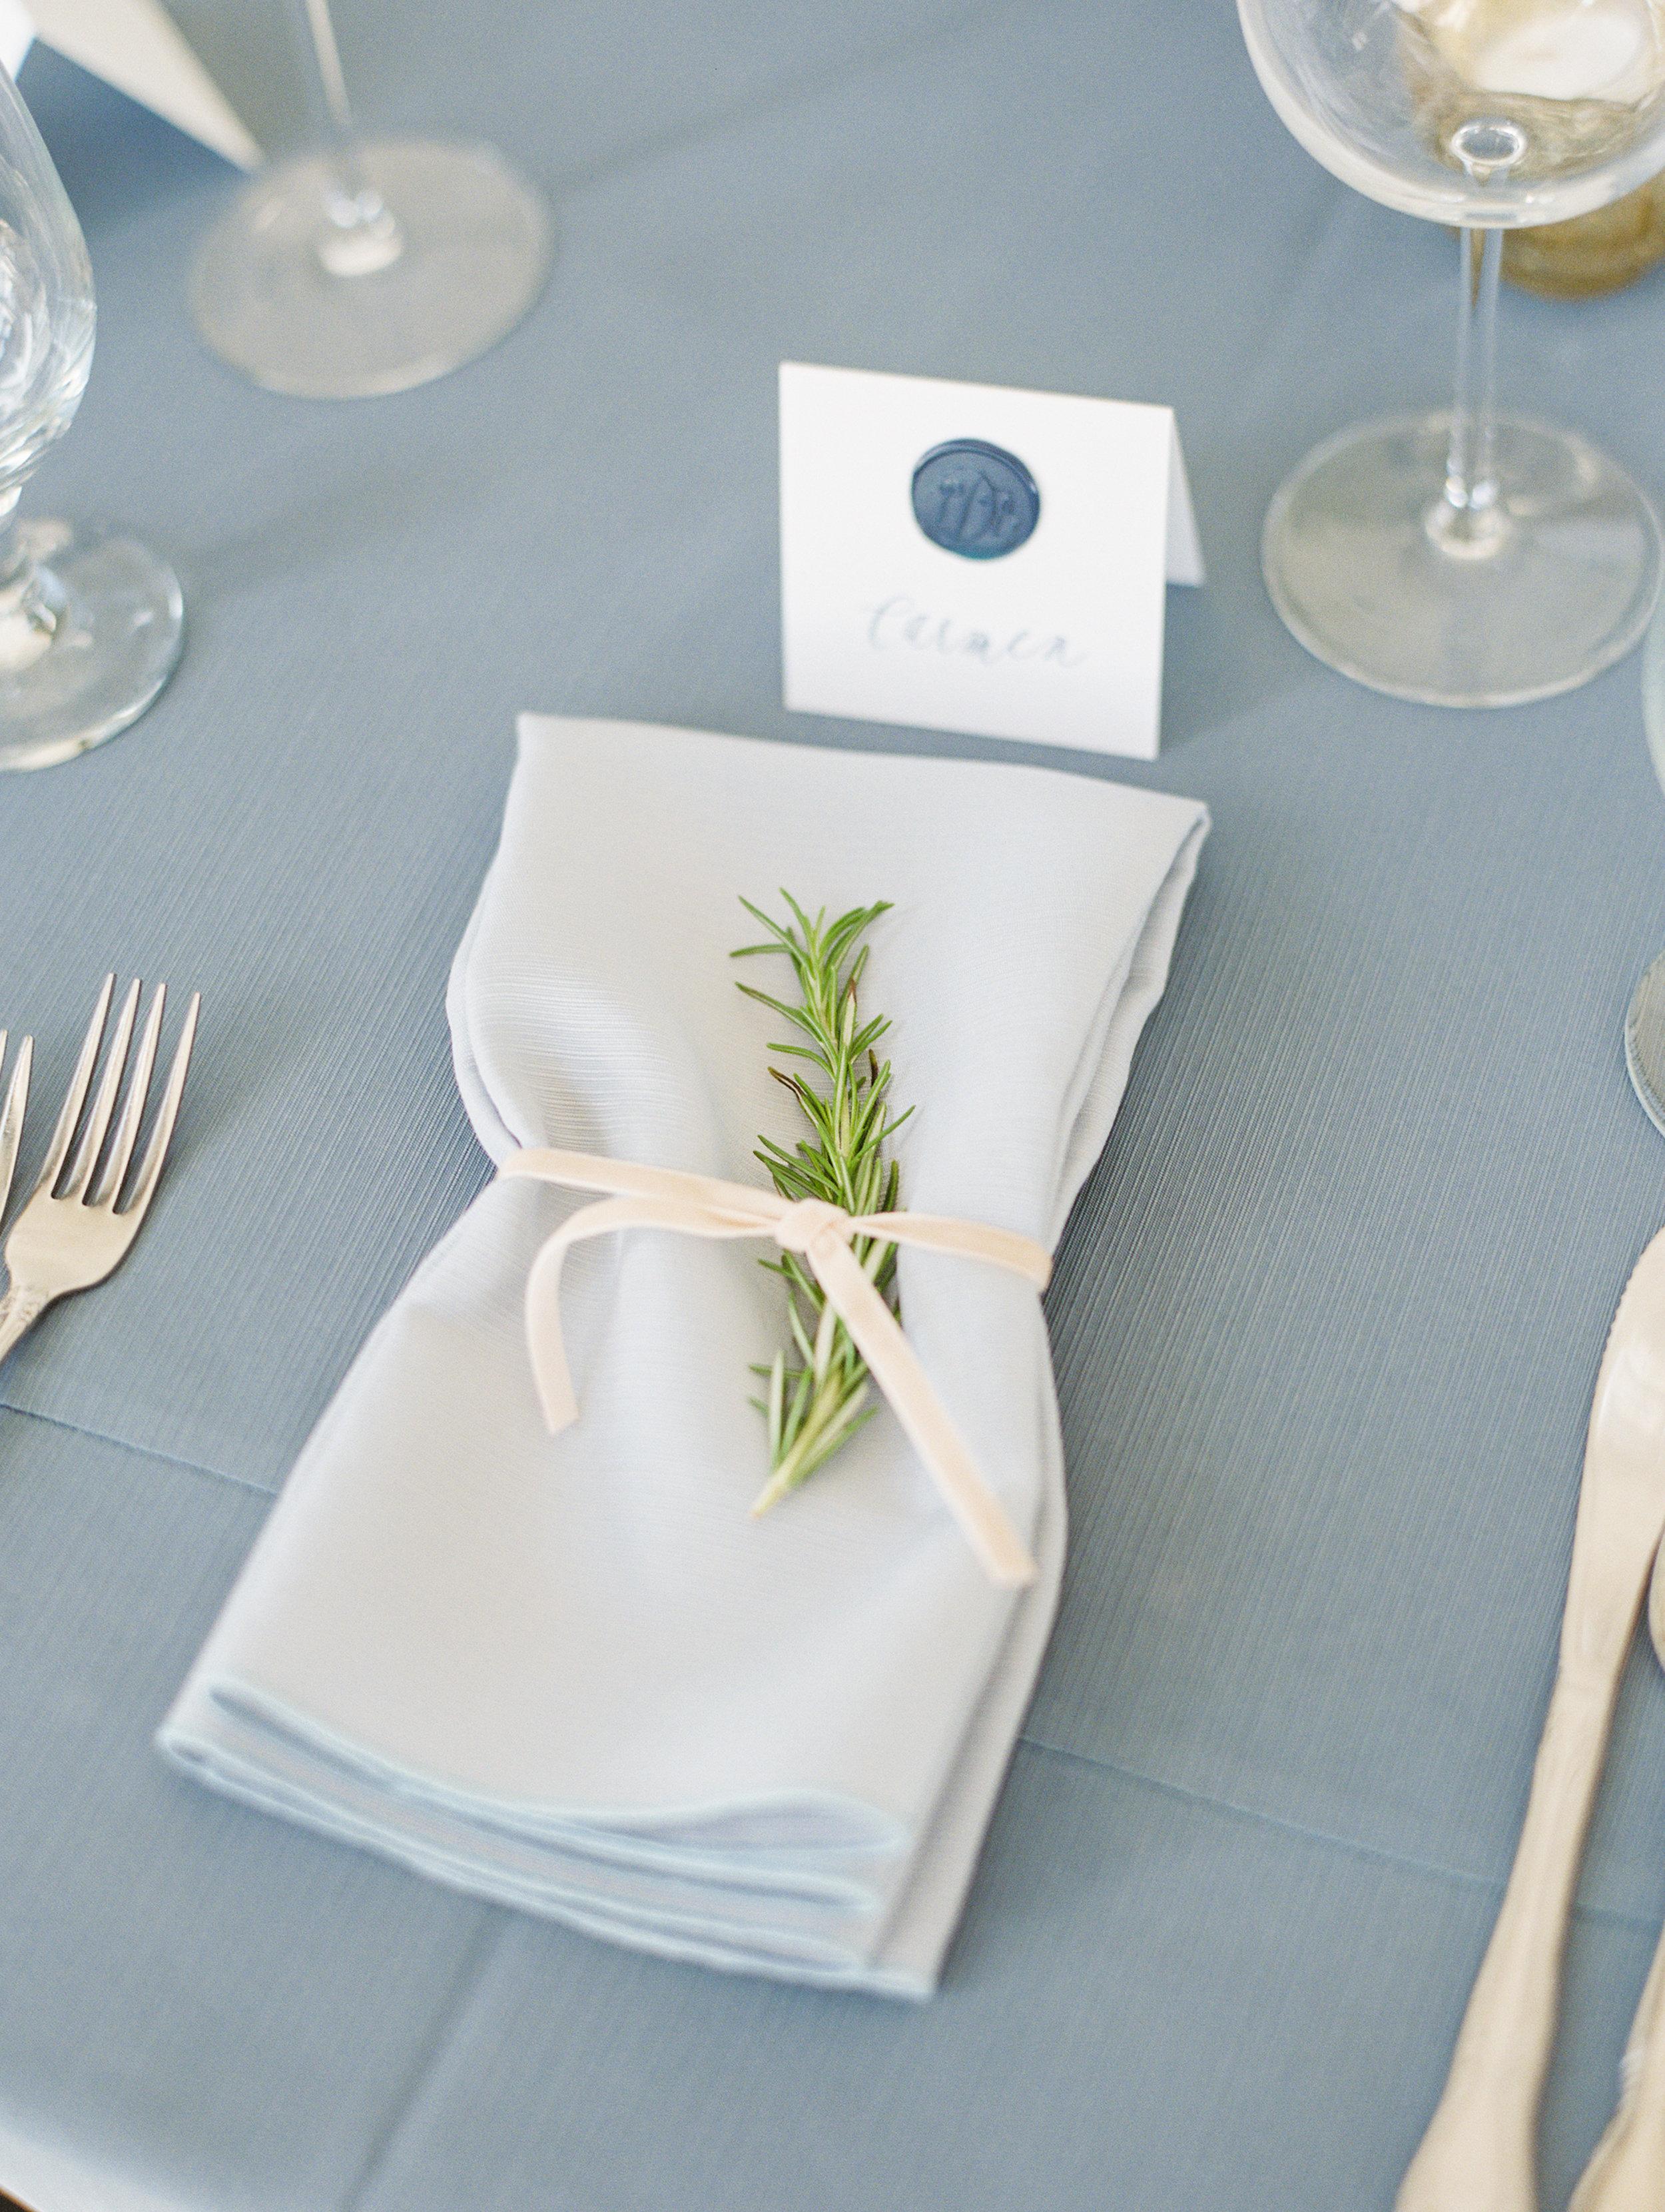 DeGuilio+Wedding+Reception+Detailsf-12.jpg